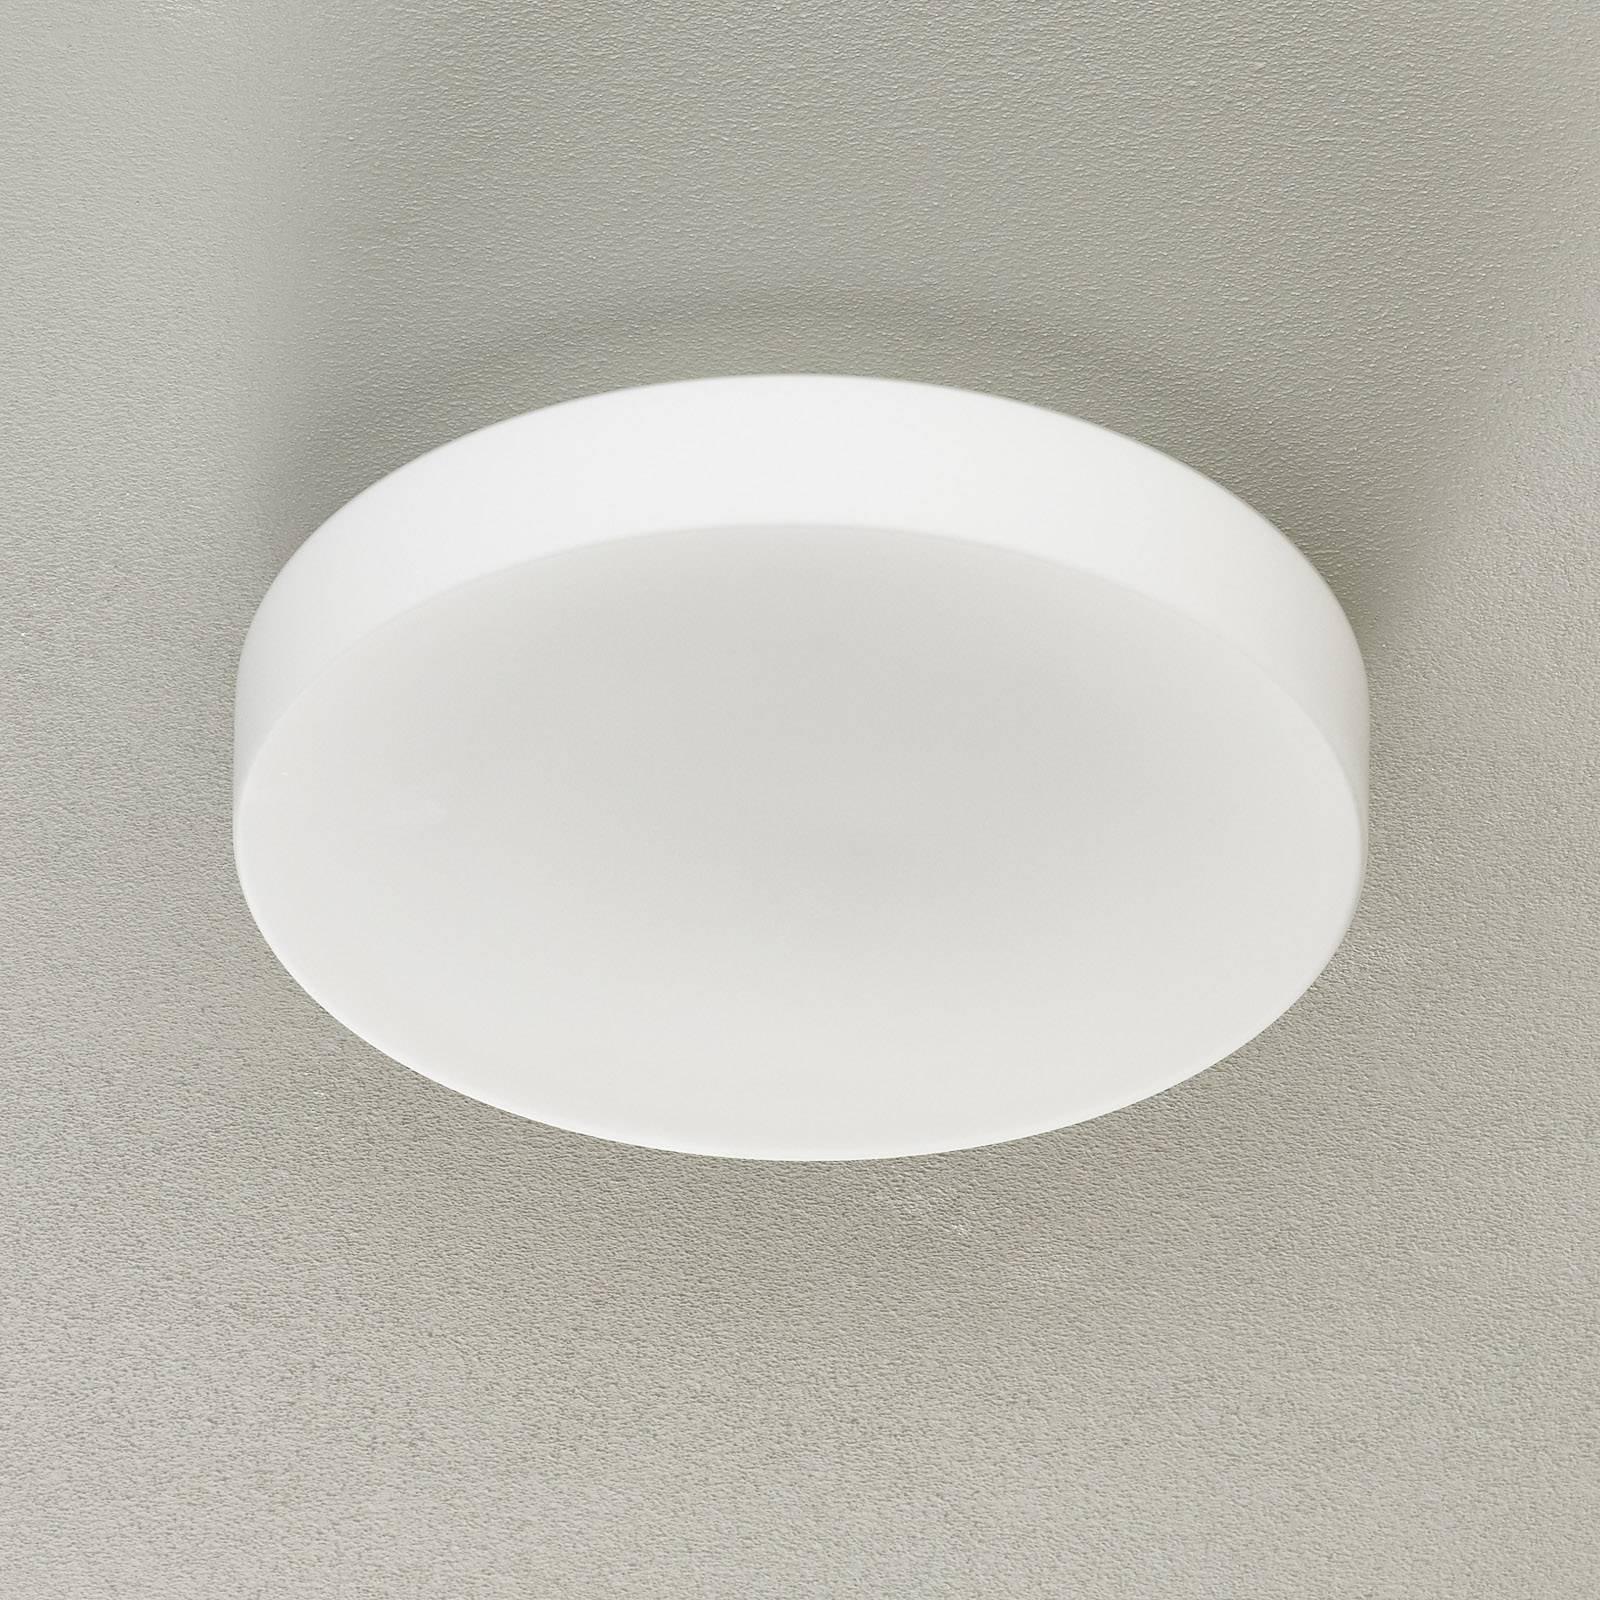 BEGA 34288 LED-taklampe glass DALI 3 000 K Ø 39 cm